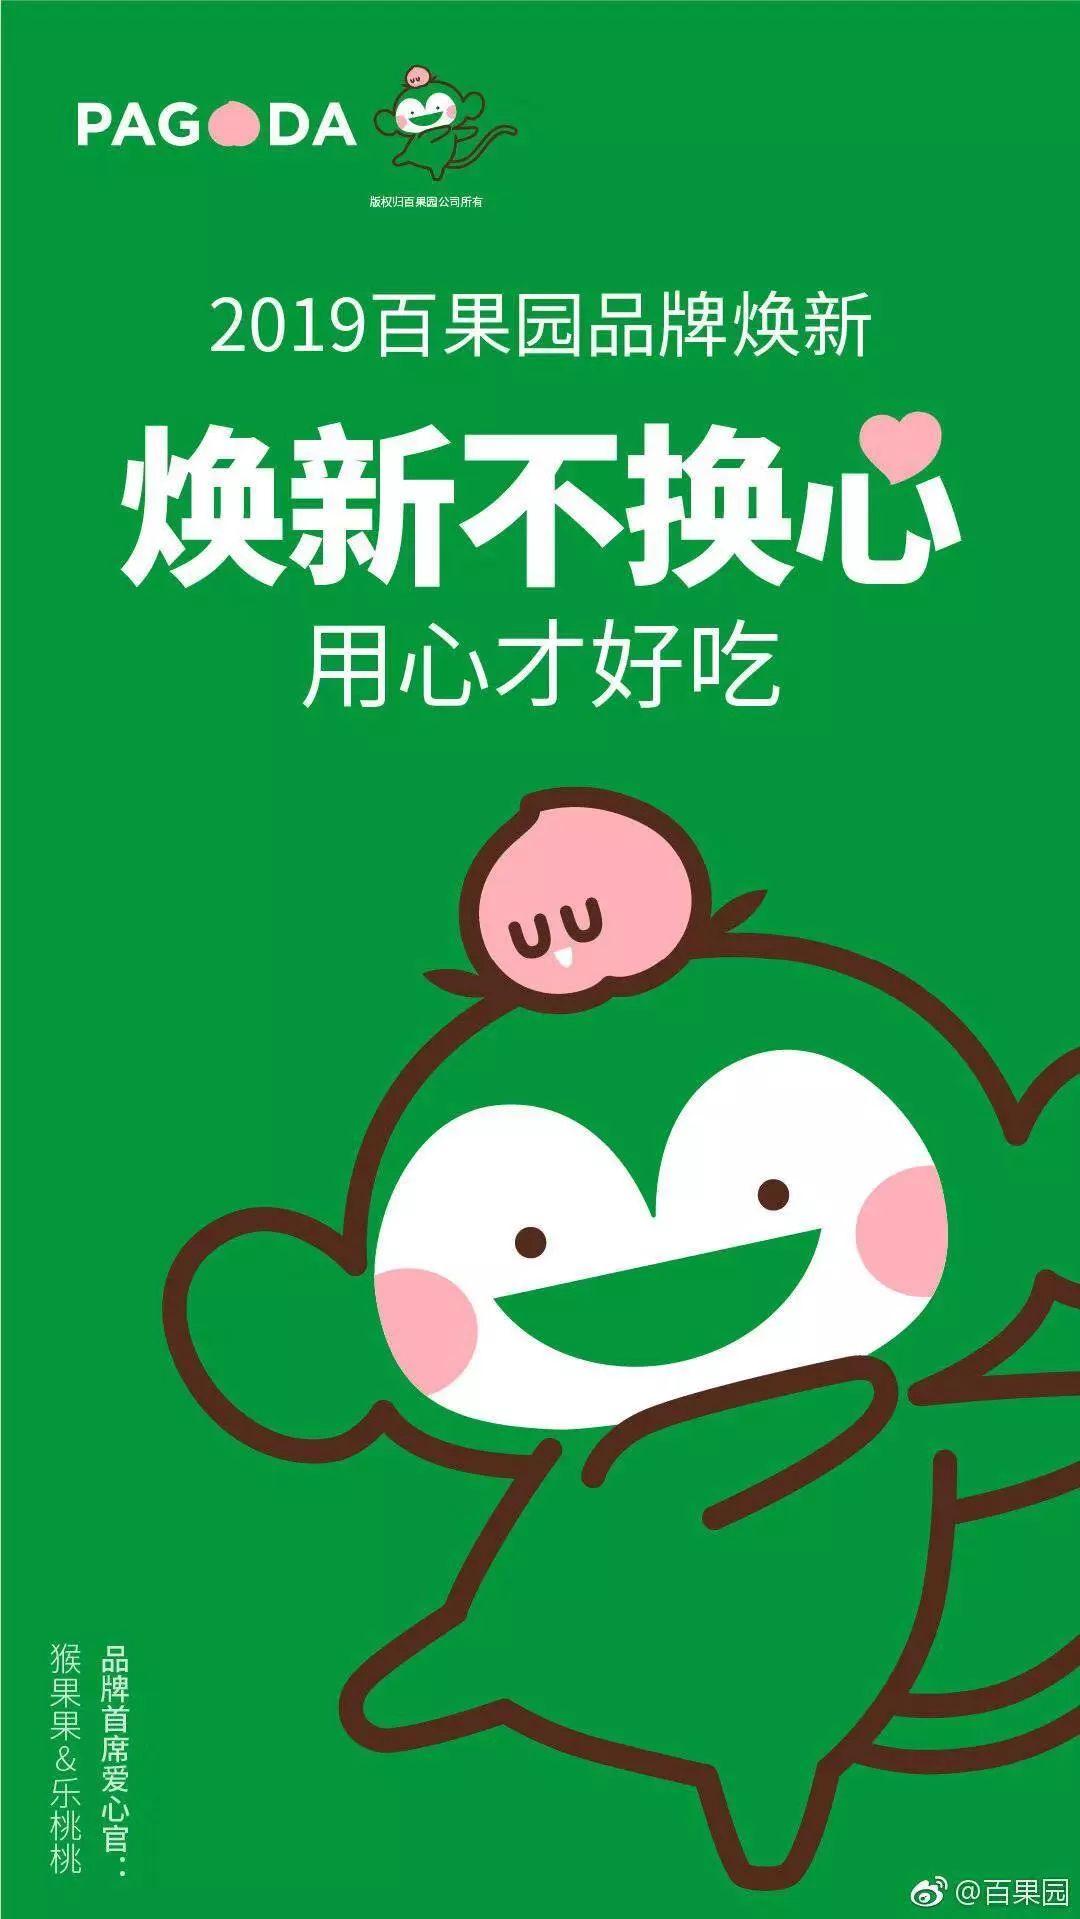 百果园logo更新博文配图